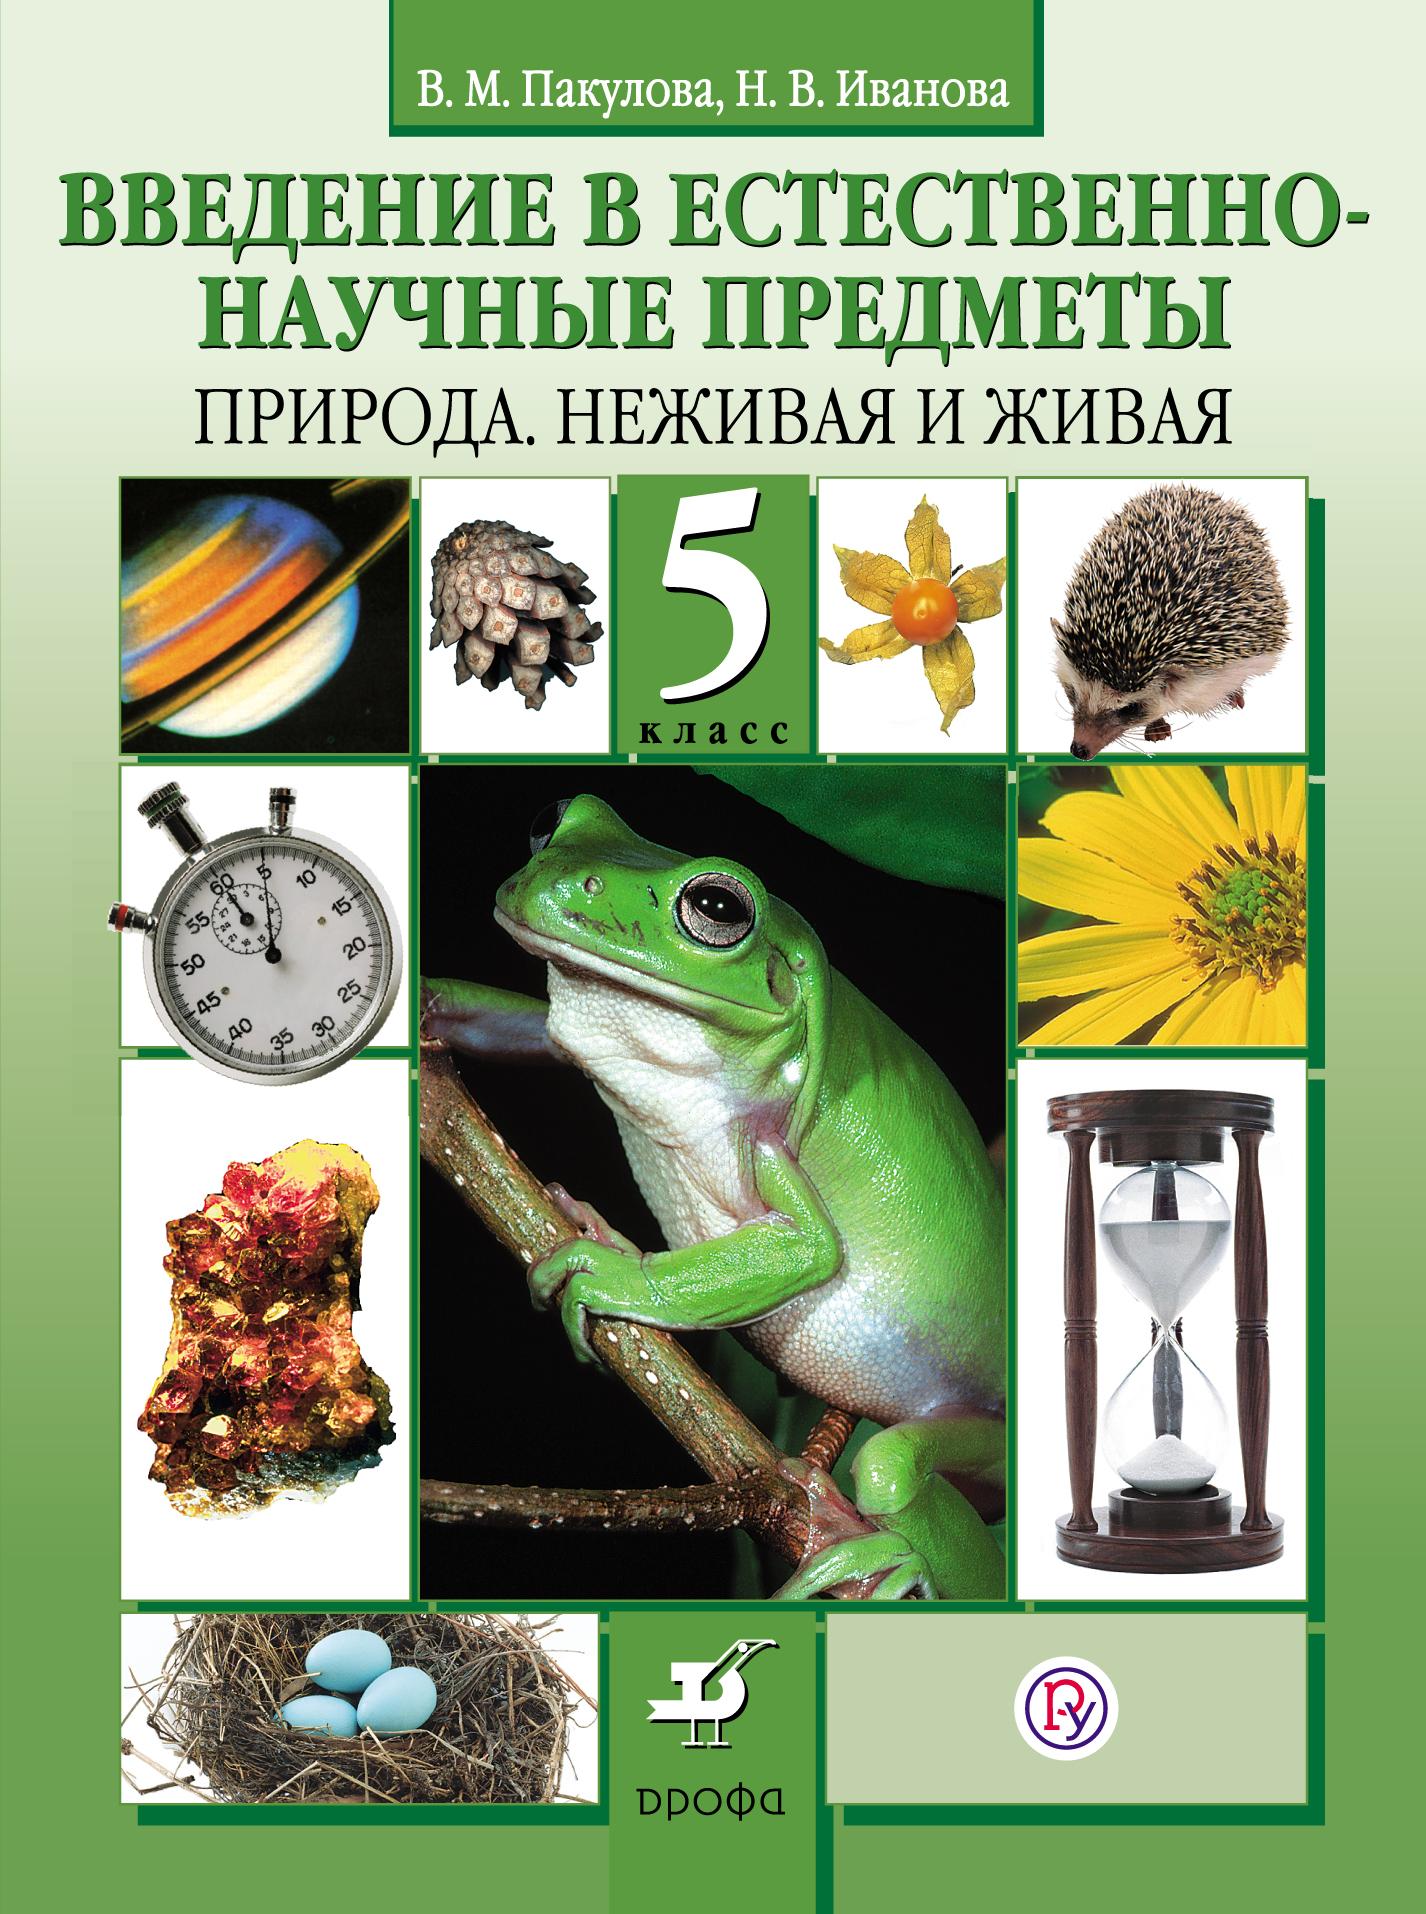 Ведение в естественно-научные предметы. Природа. 5кл. Учебник.